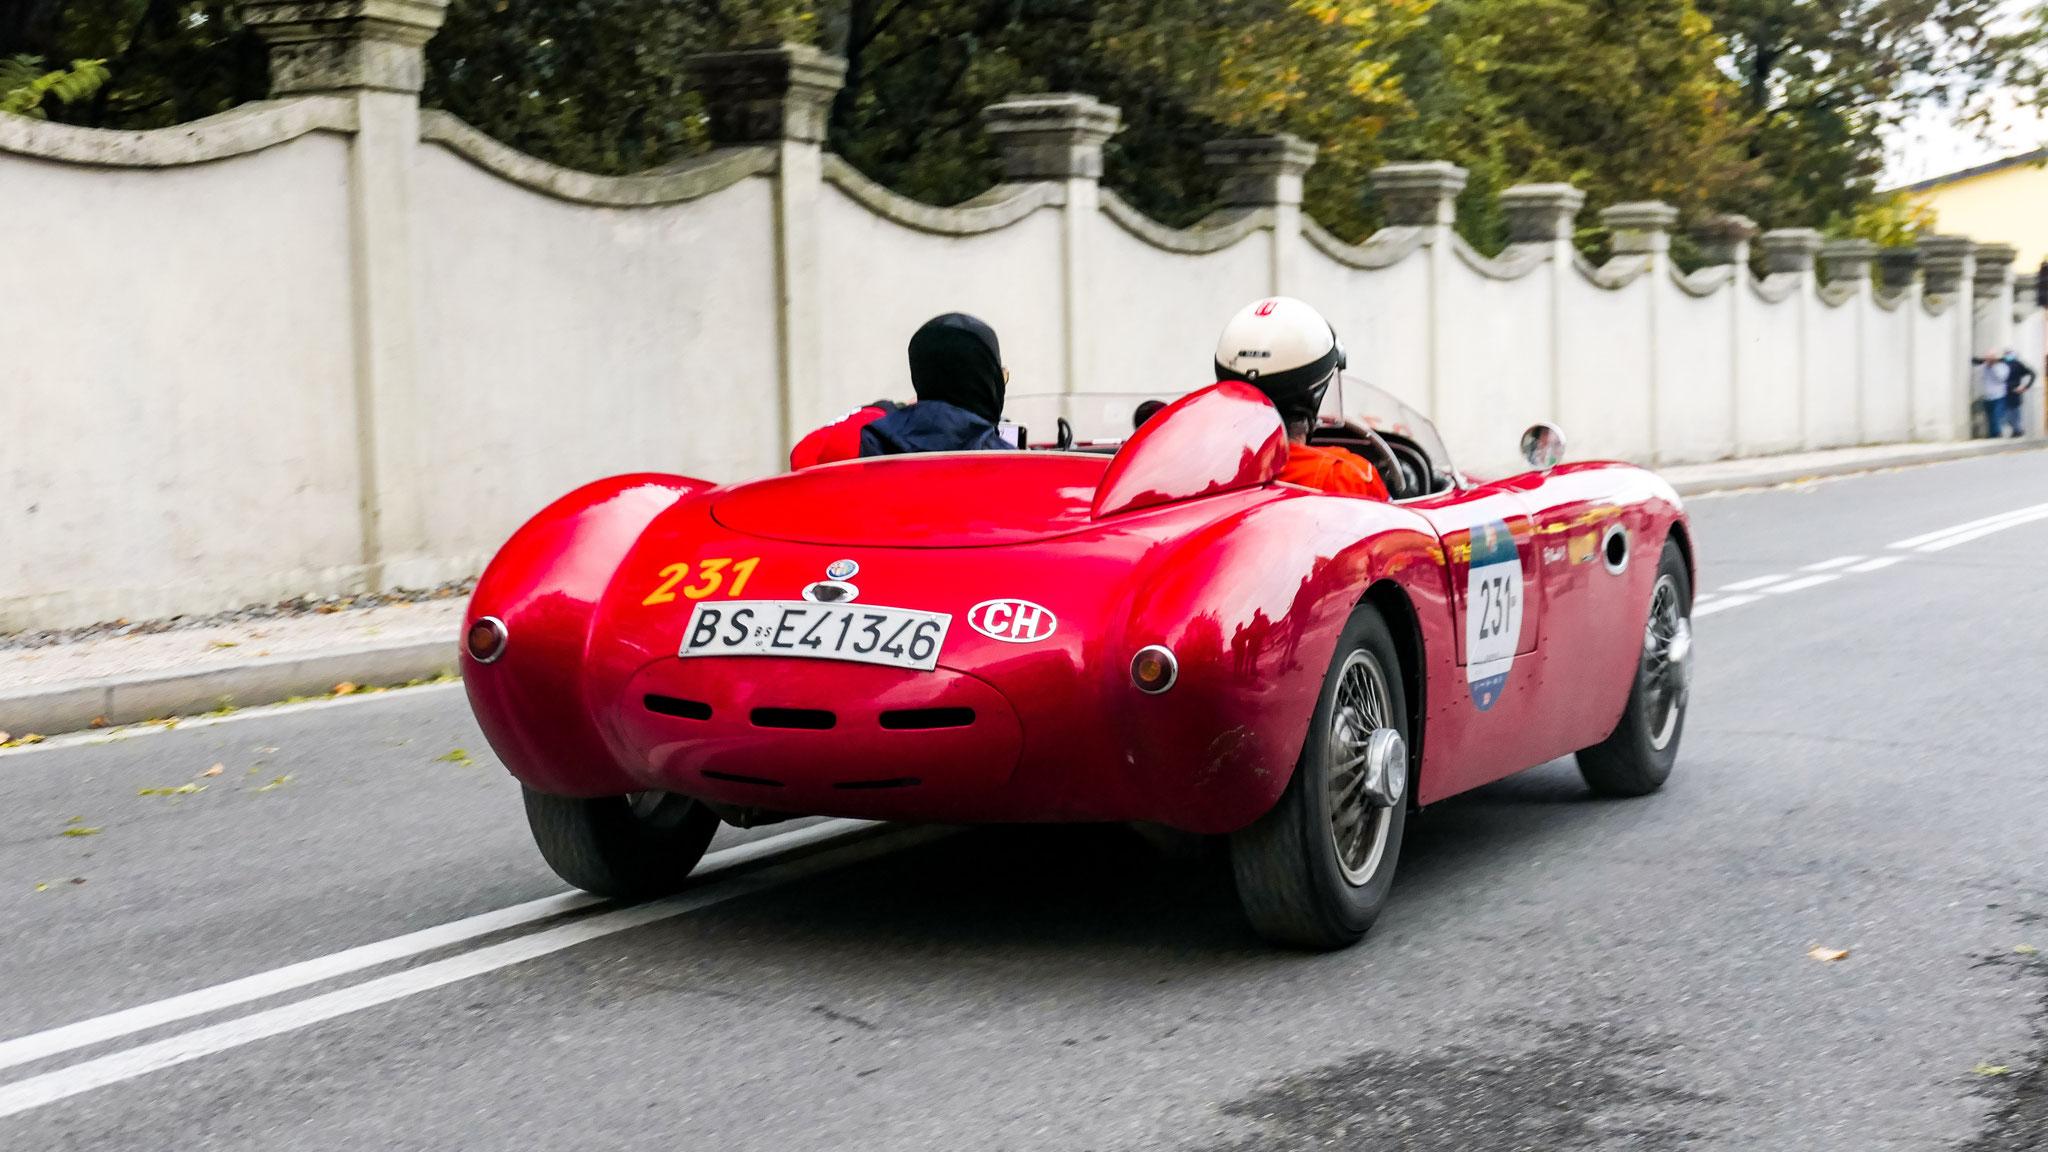 Alfa Romeo 2000 Sport Conrero - BS-E41346 (CH)